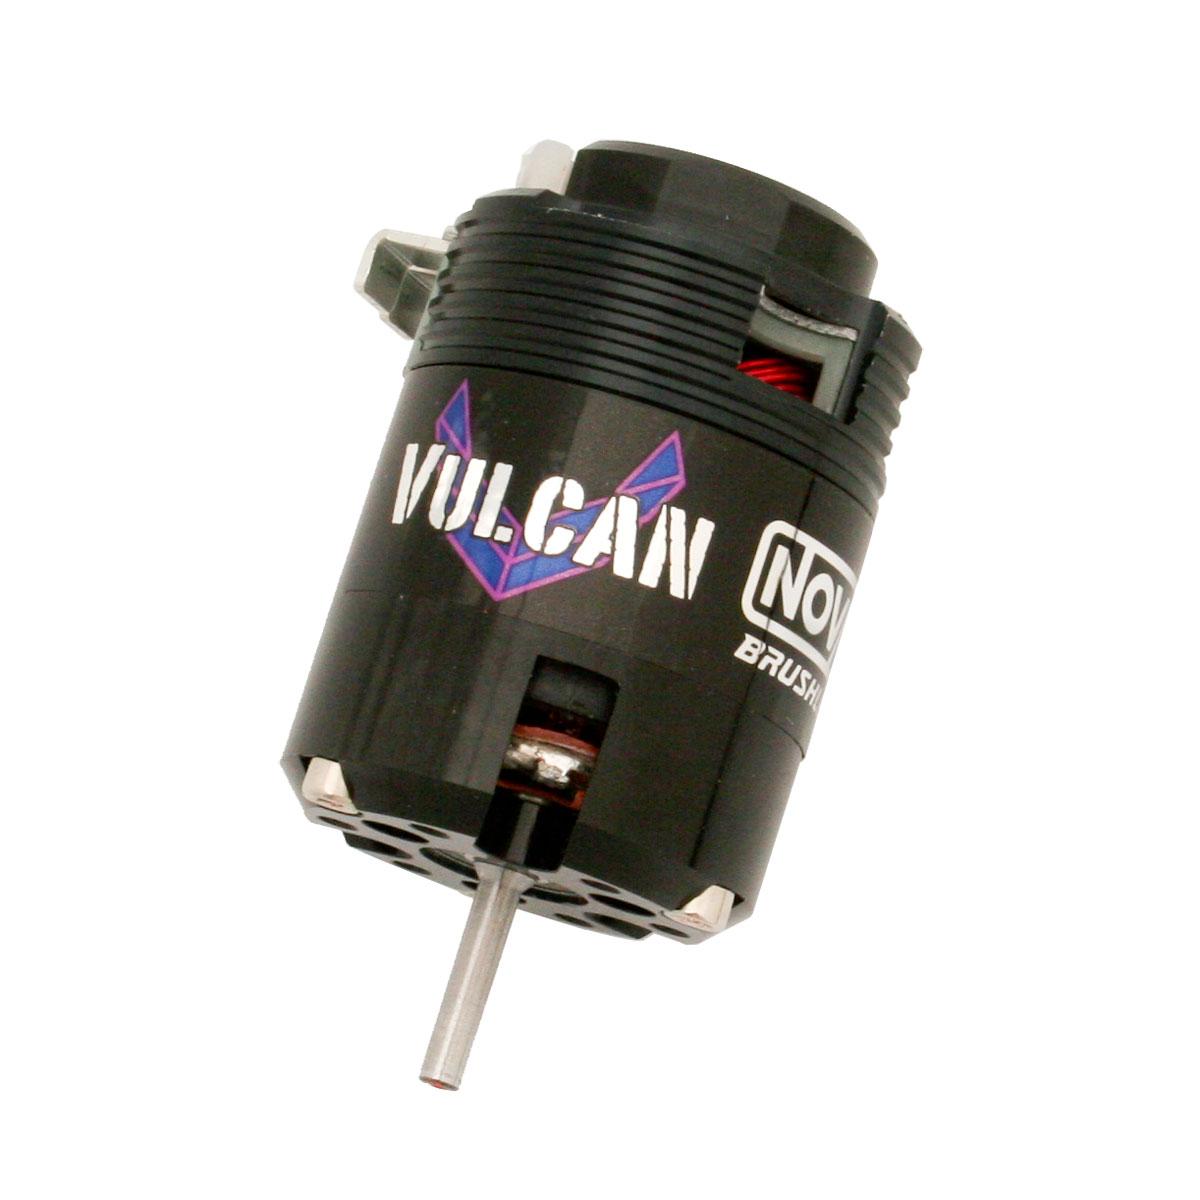 イーグル ノバック・バルカン・モッドBLモーター5.5T (センサー付) 品番NV3655